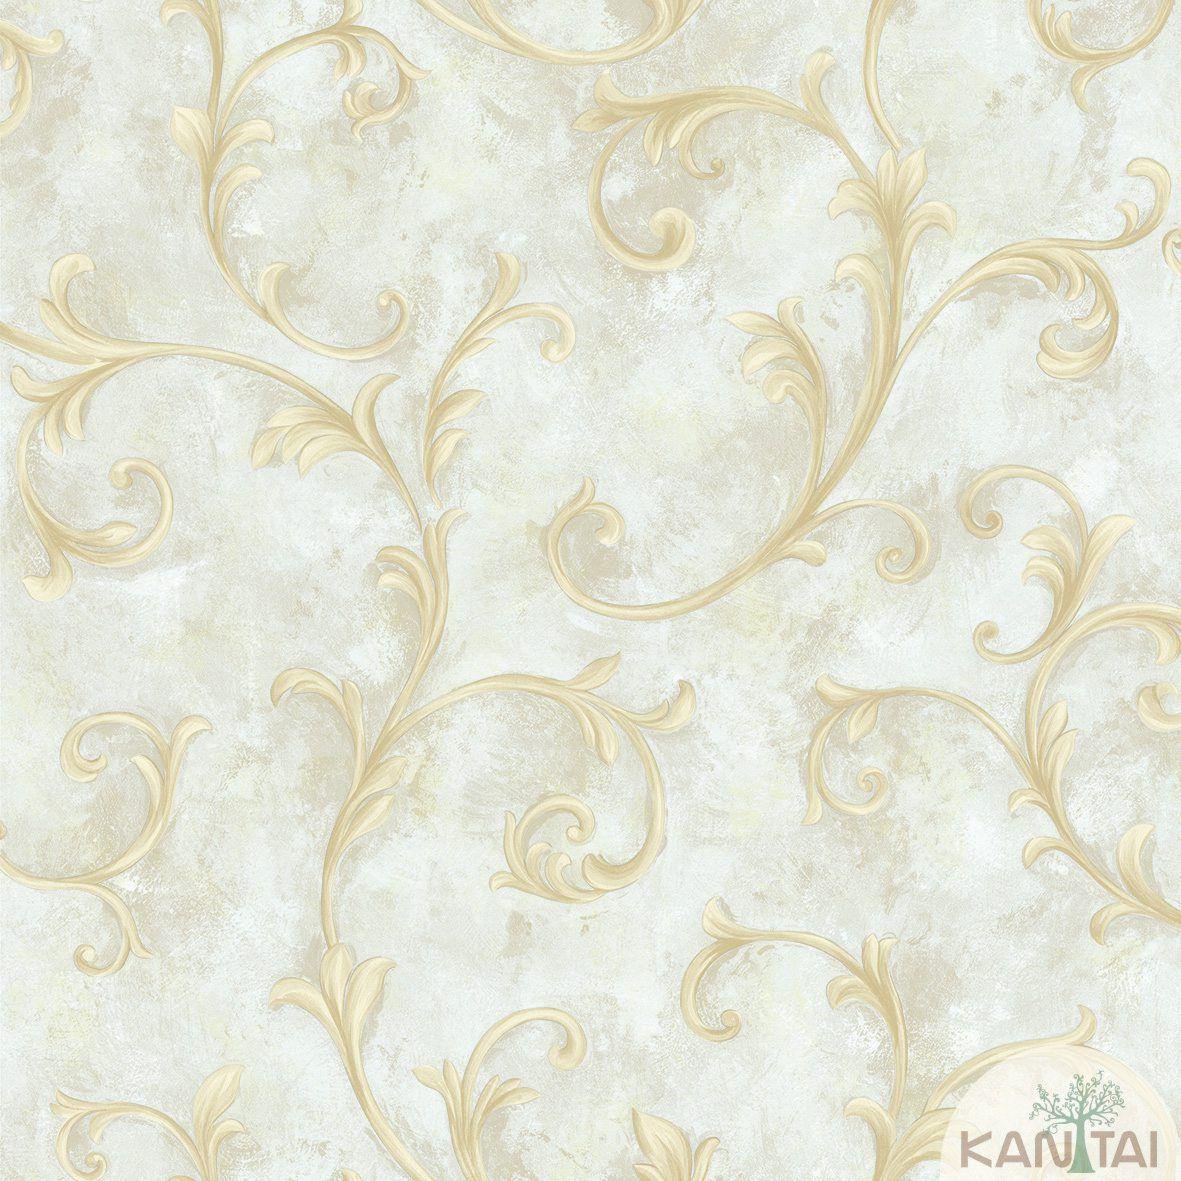 Papel de Parede Kan Tai Non Woven Coleção Flora 2 Baixo relevo Arabesco Floral Tons cinza, Dourado